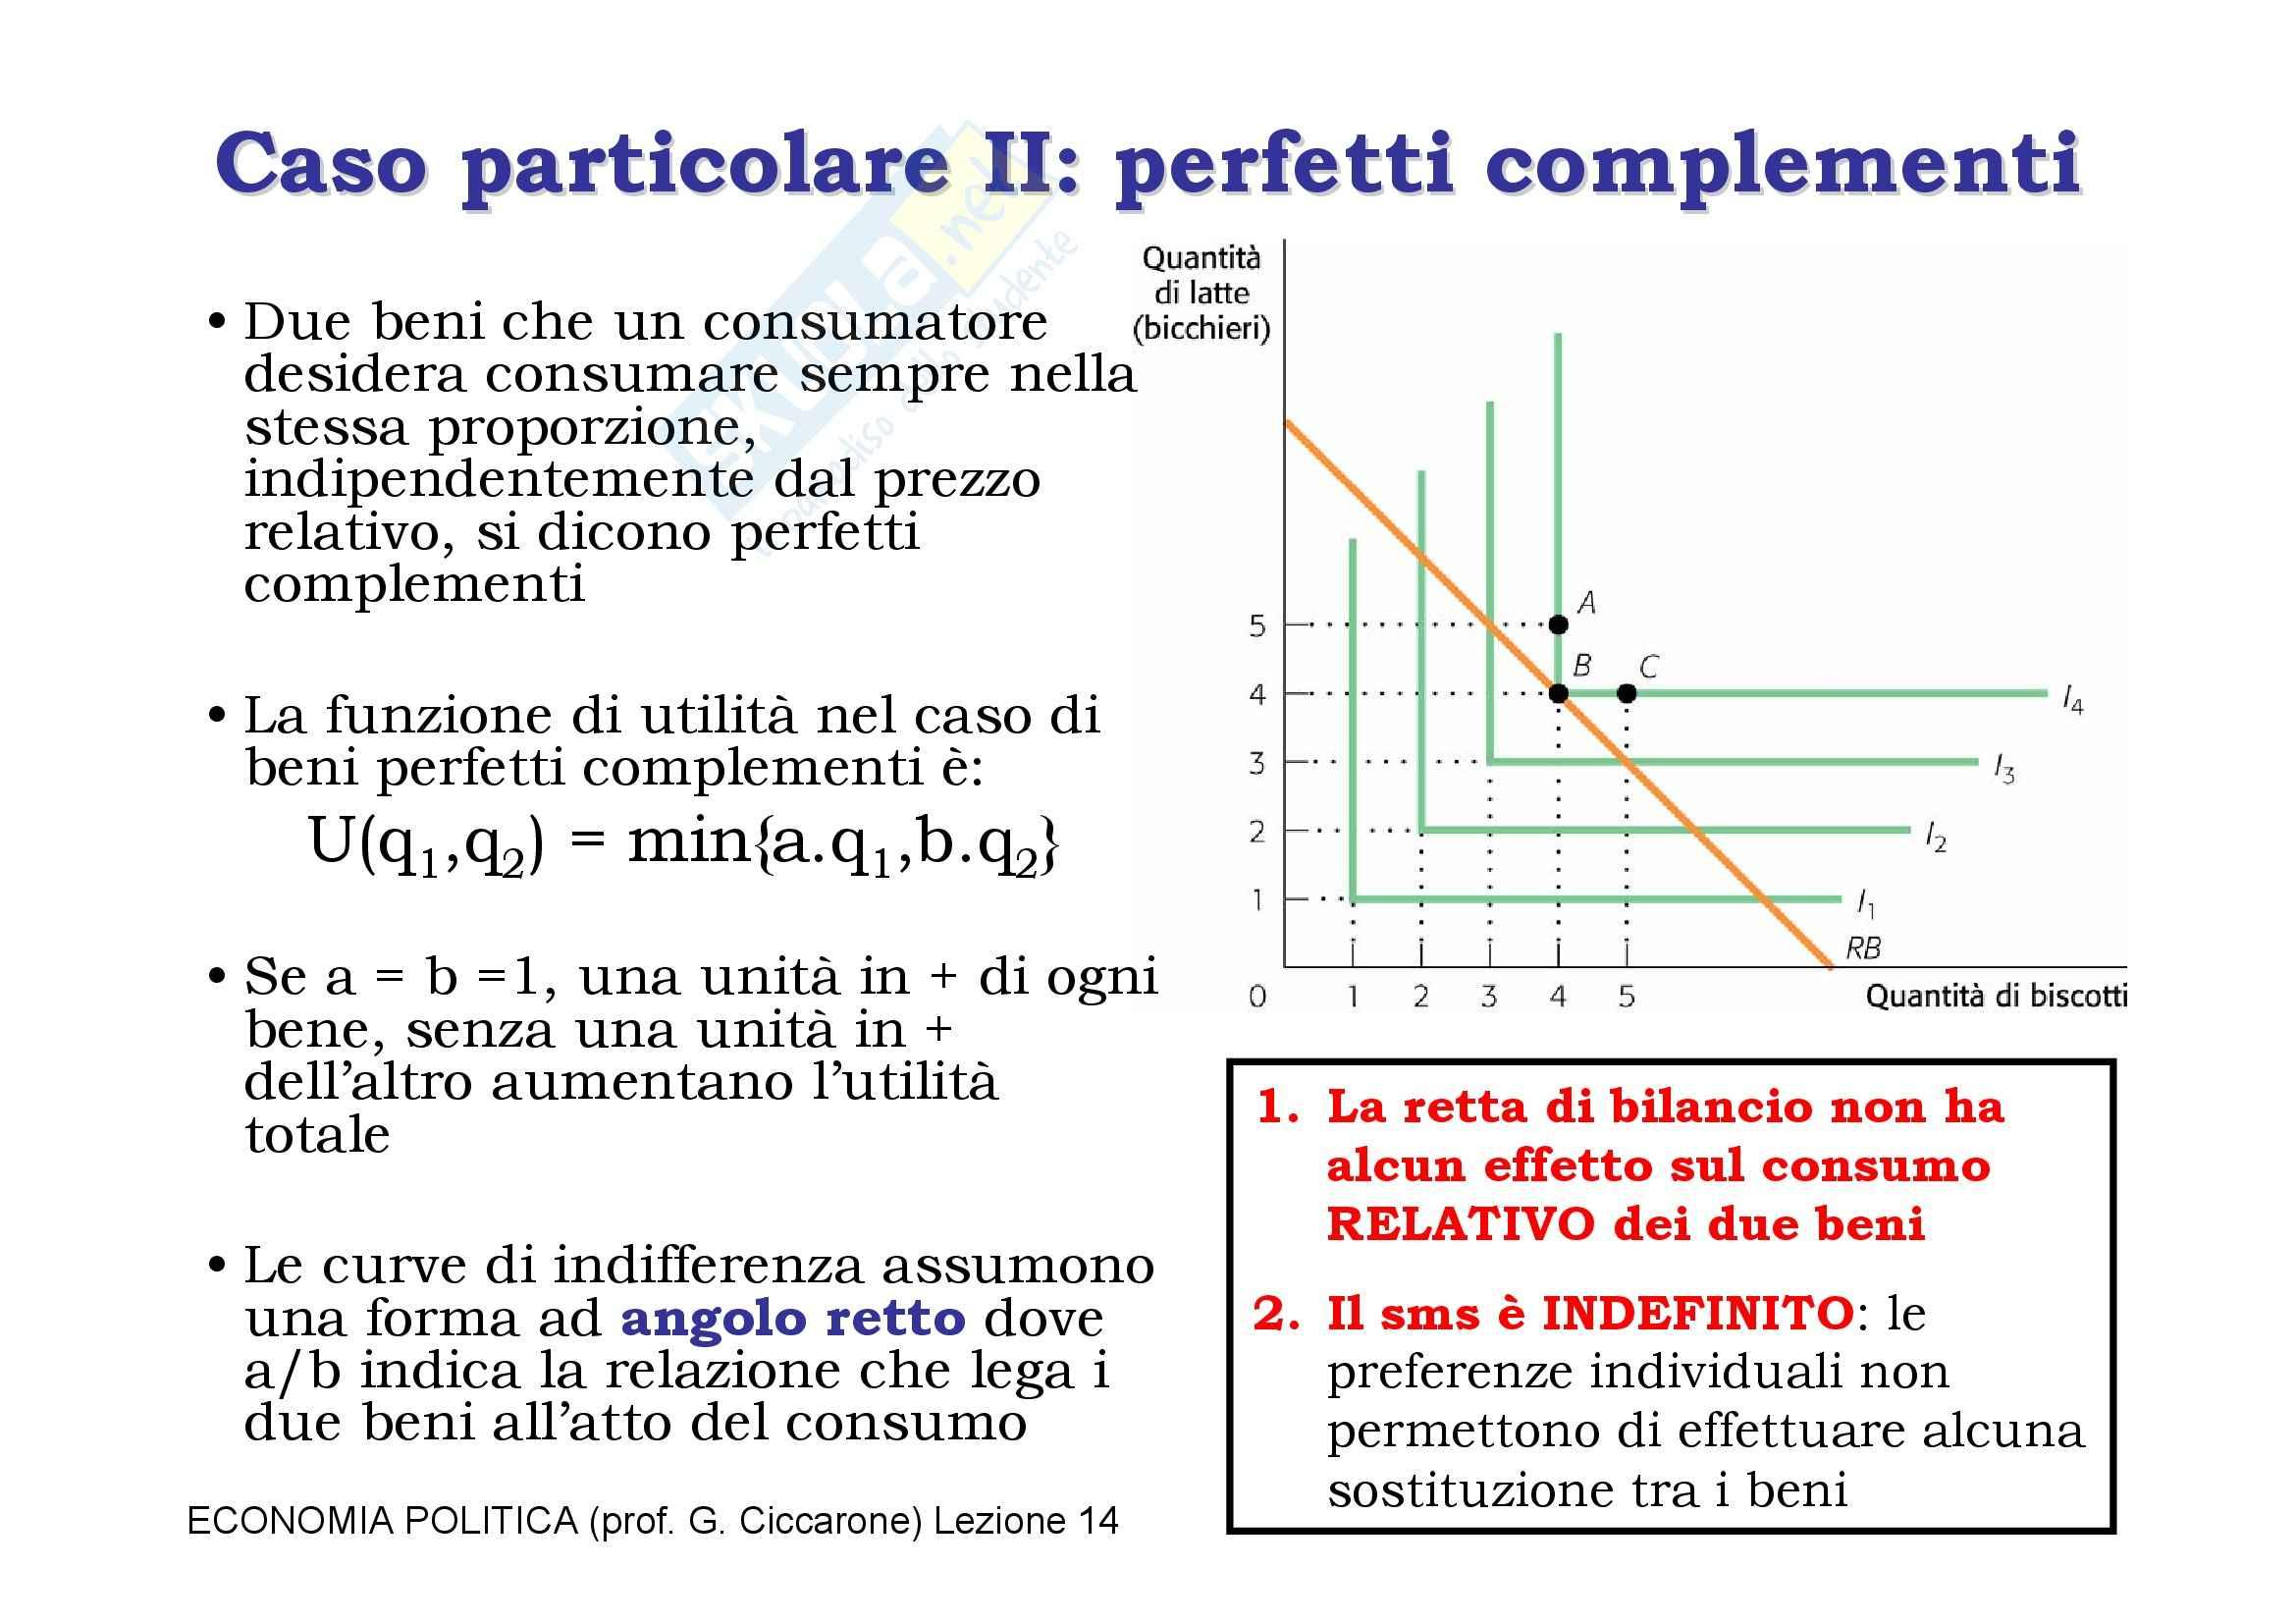 Economia monetaria - la curva di indifferenza Pag. 16